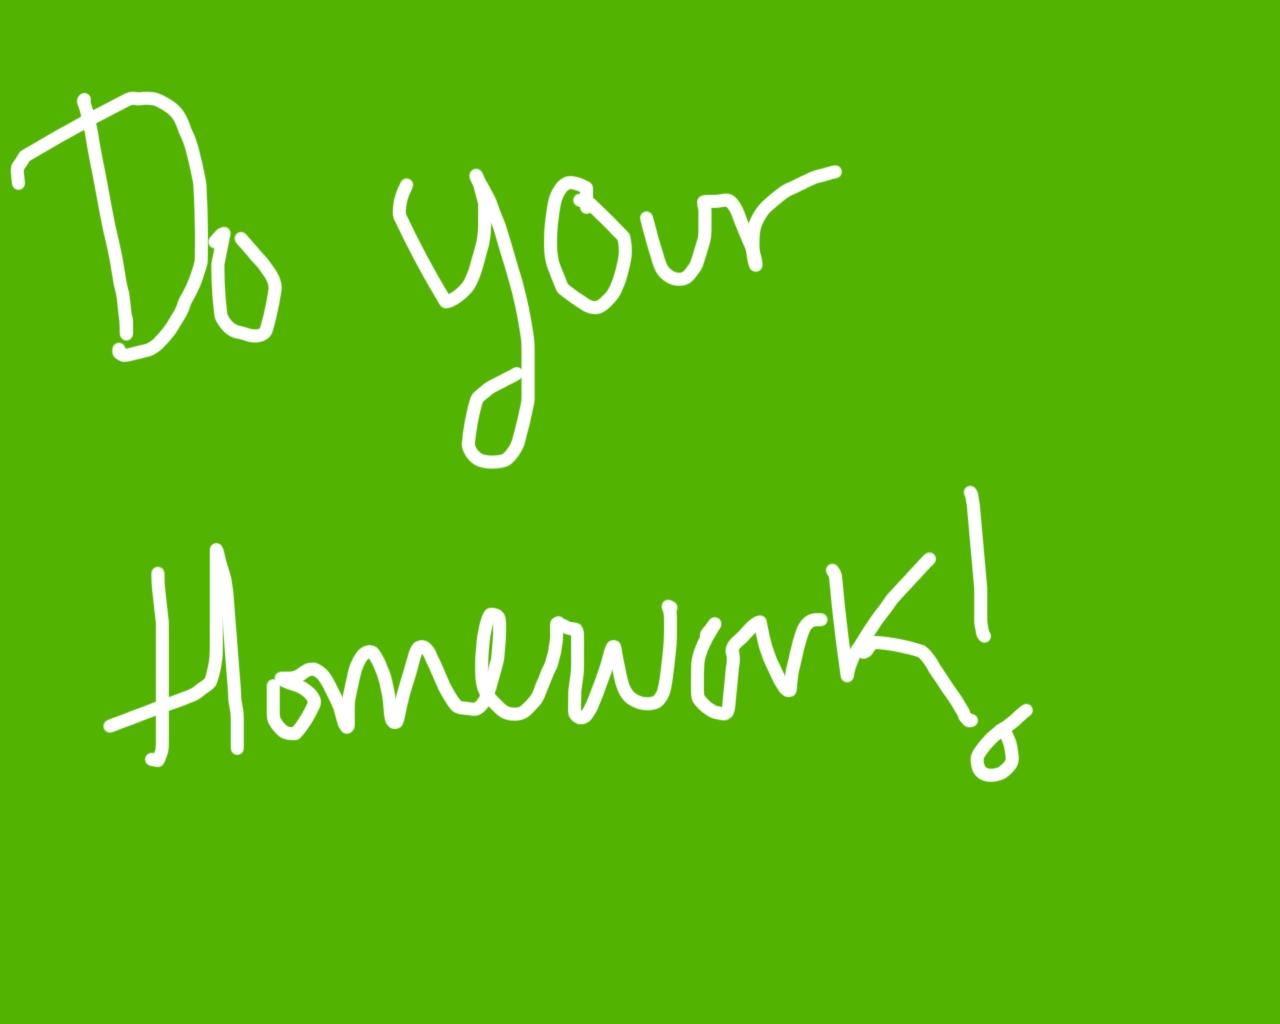 Do_your_homework